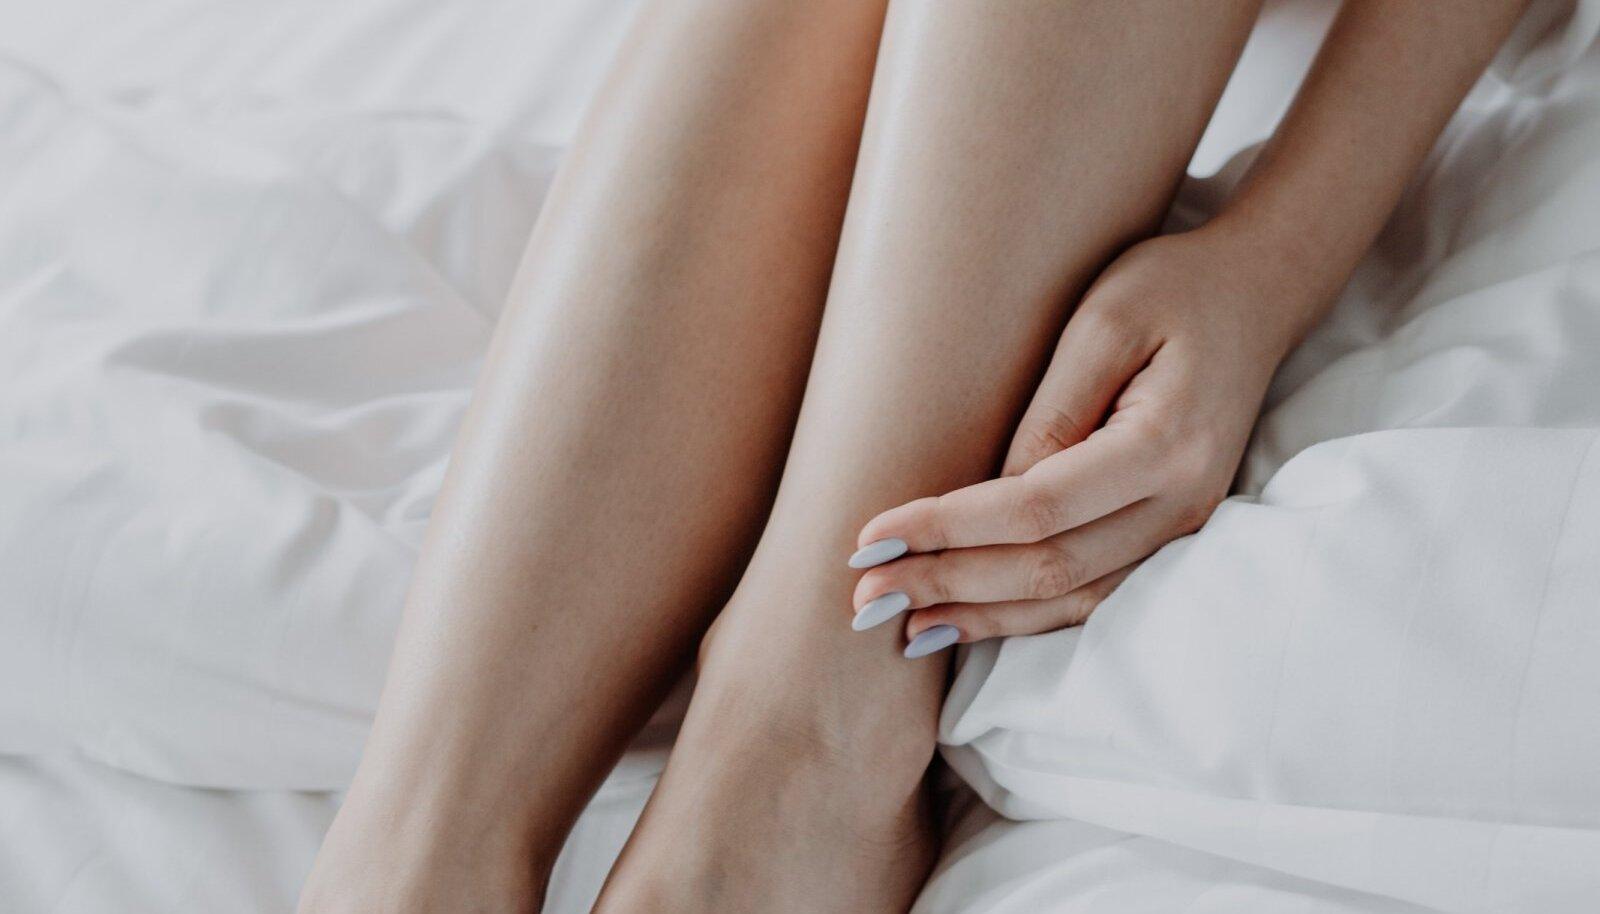 Vanemate valu vanemate naiste liigestes Valu pohjus ja ravi salvi sormeotstes